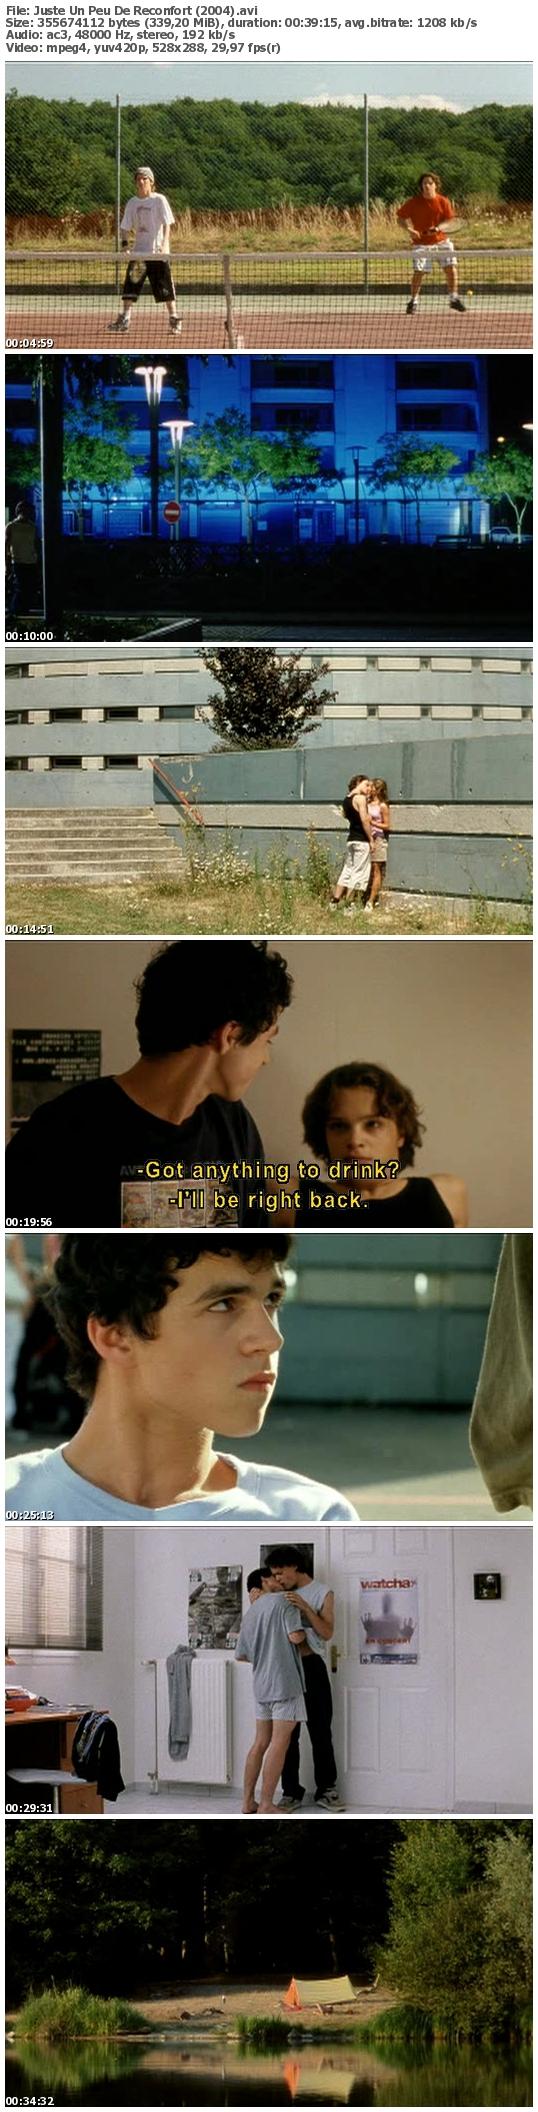 A Little Comfort (2004)